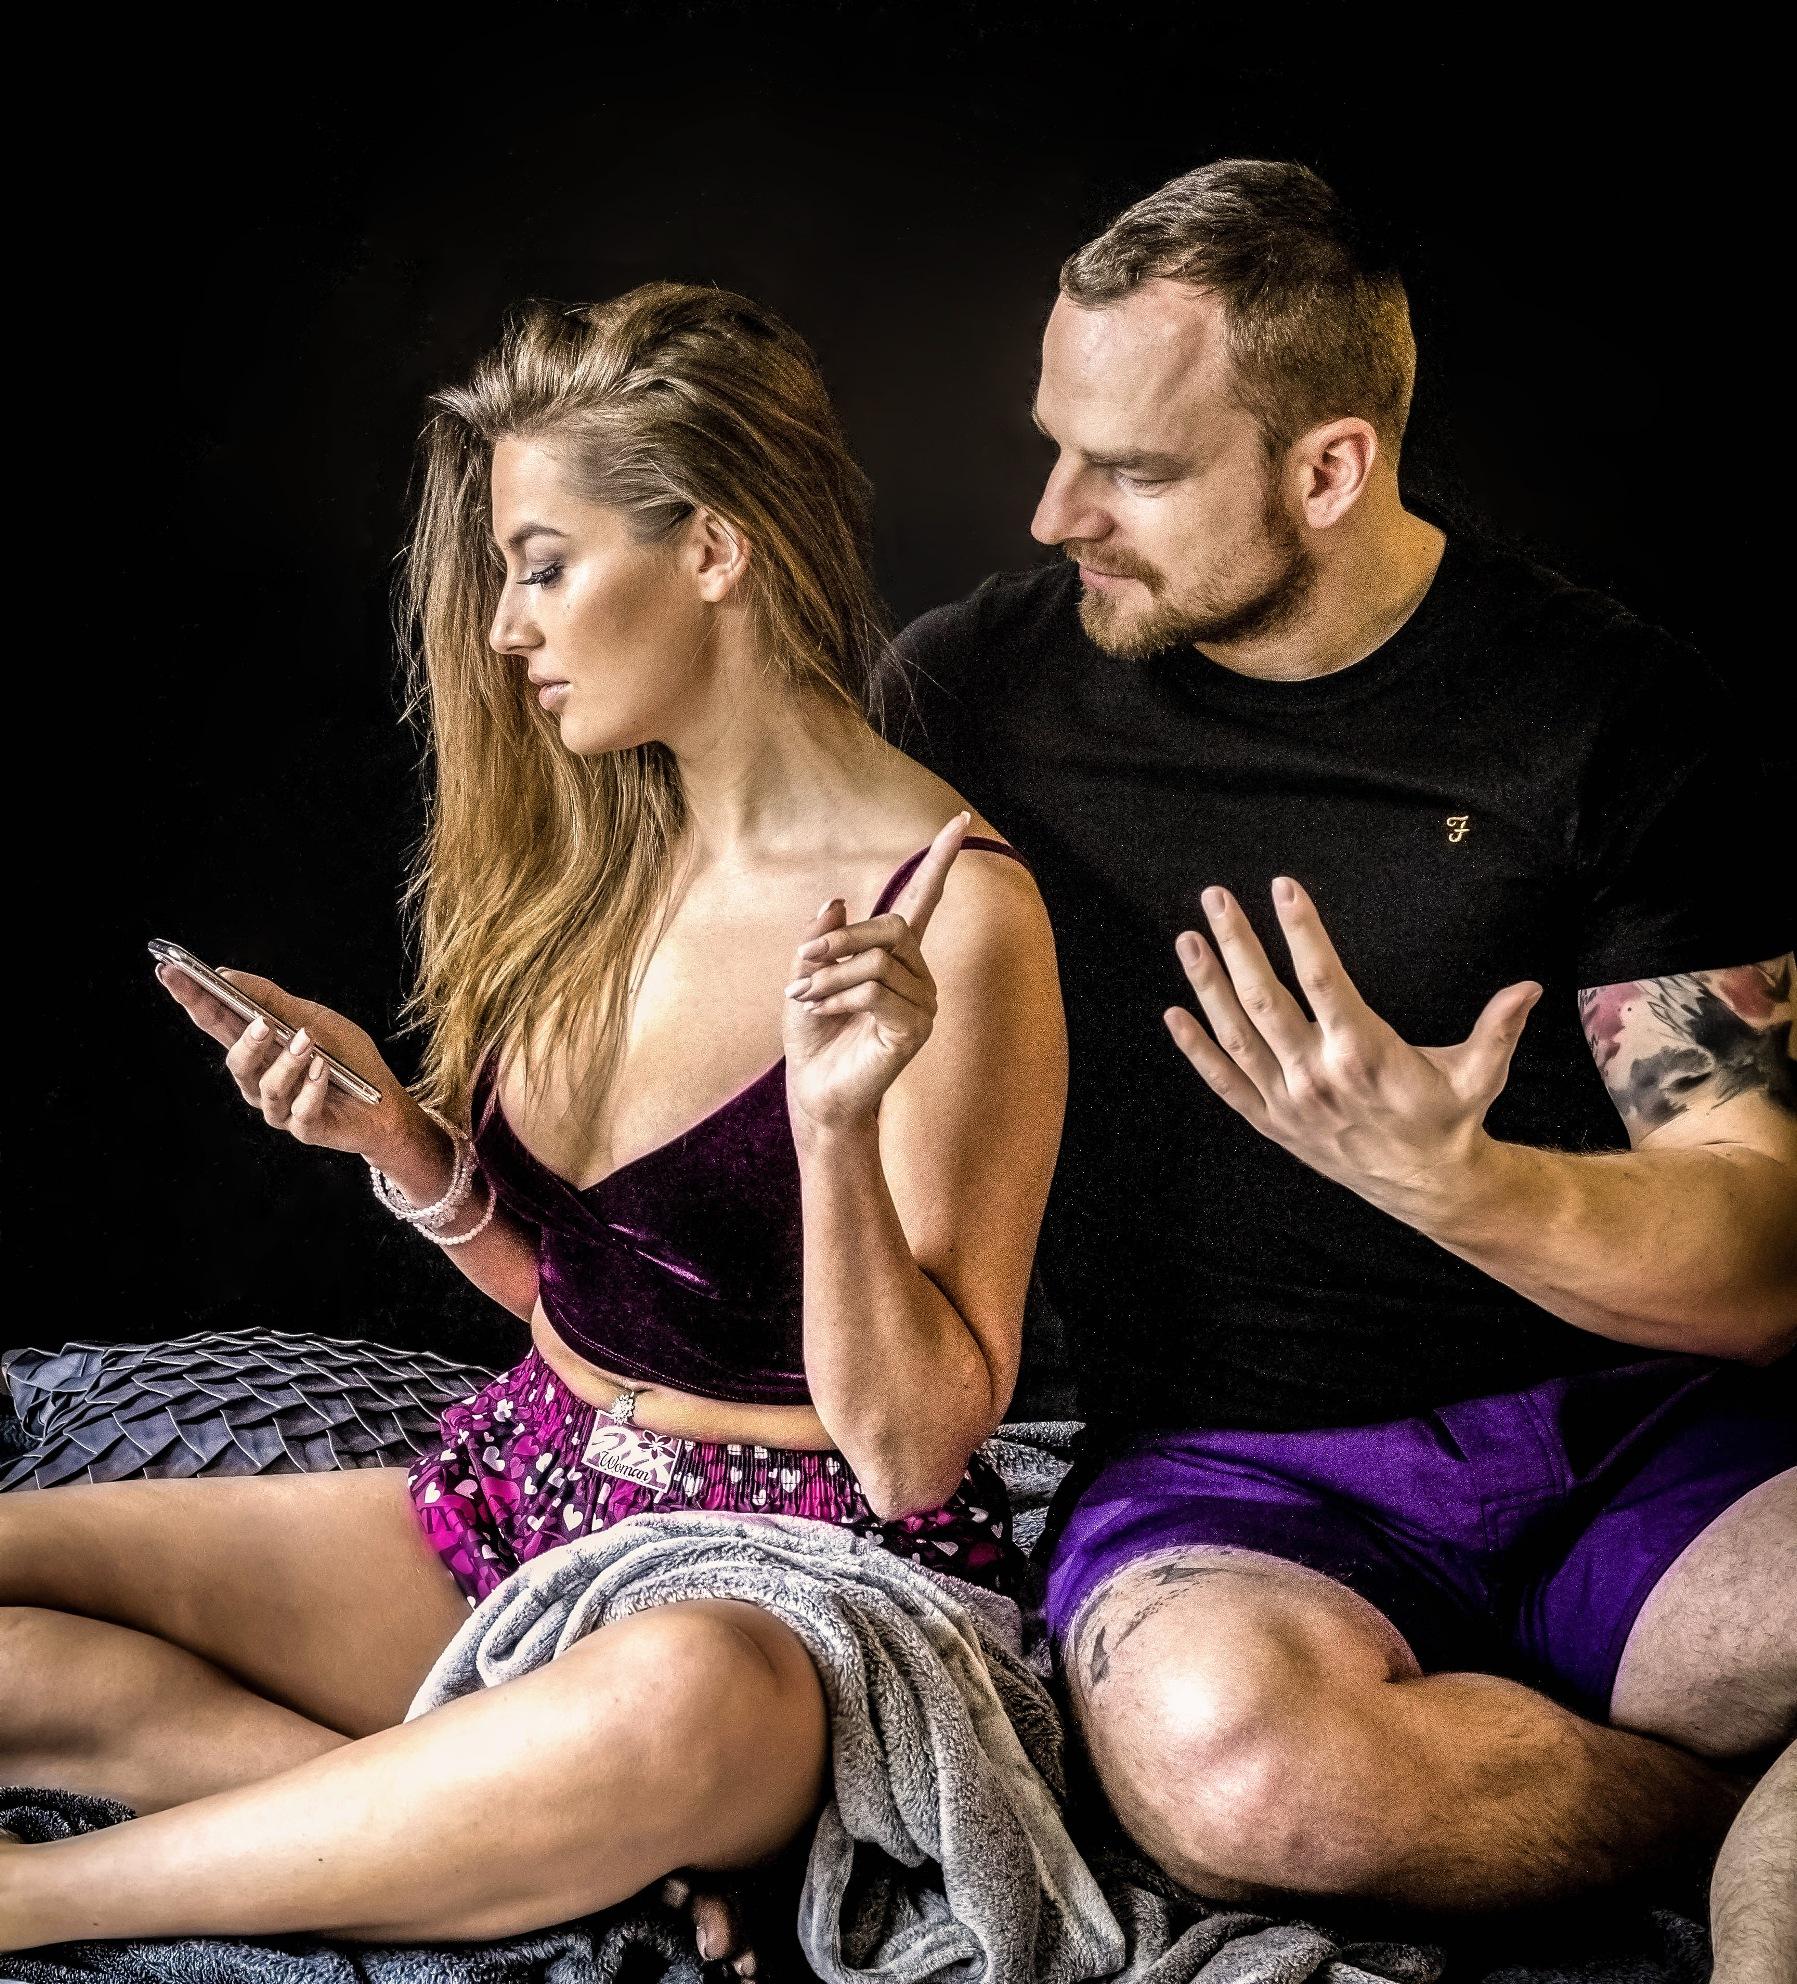 Nelíbí se vám partnerovo spodní prádlo? 5 tipů, jak to změnit